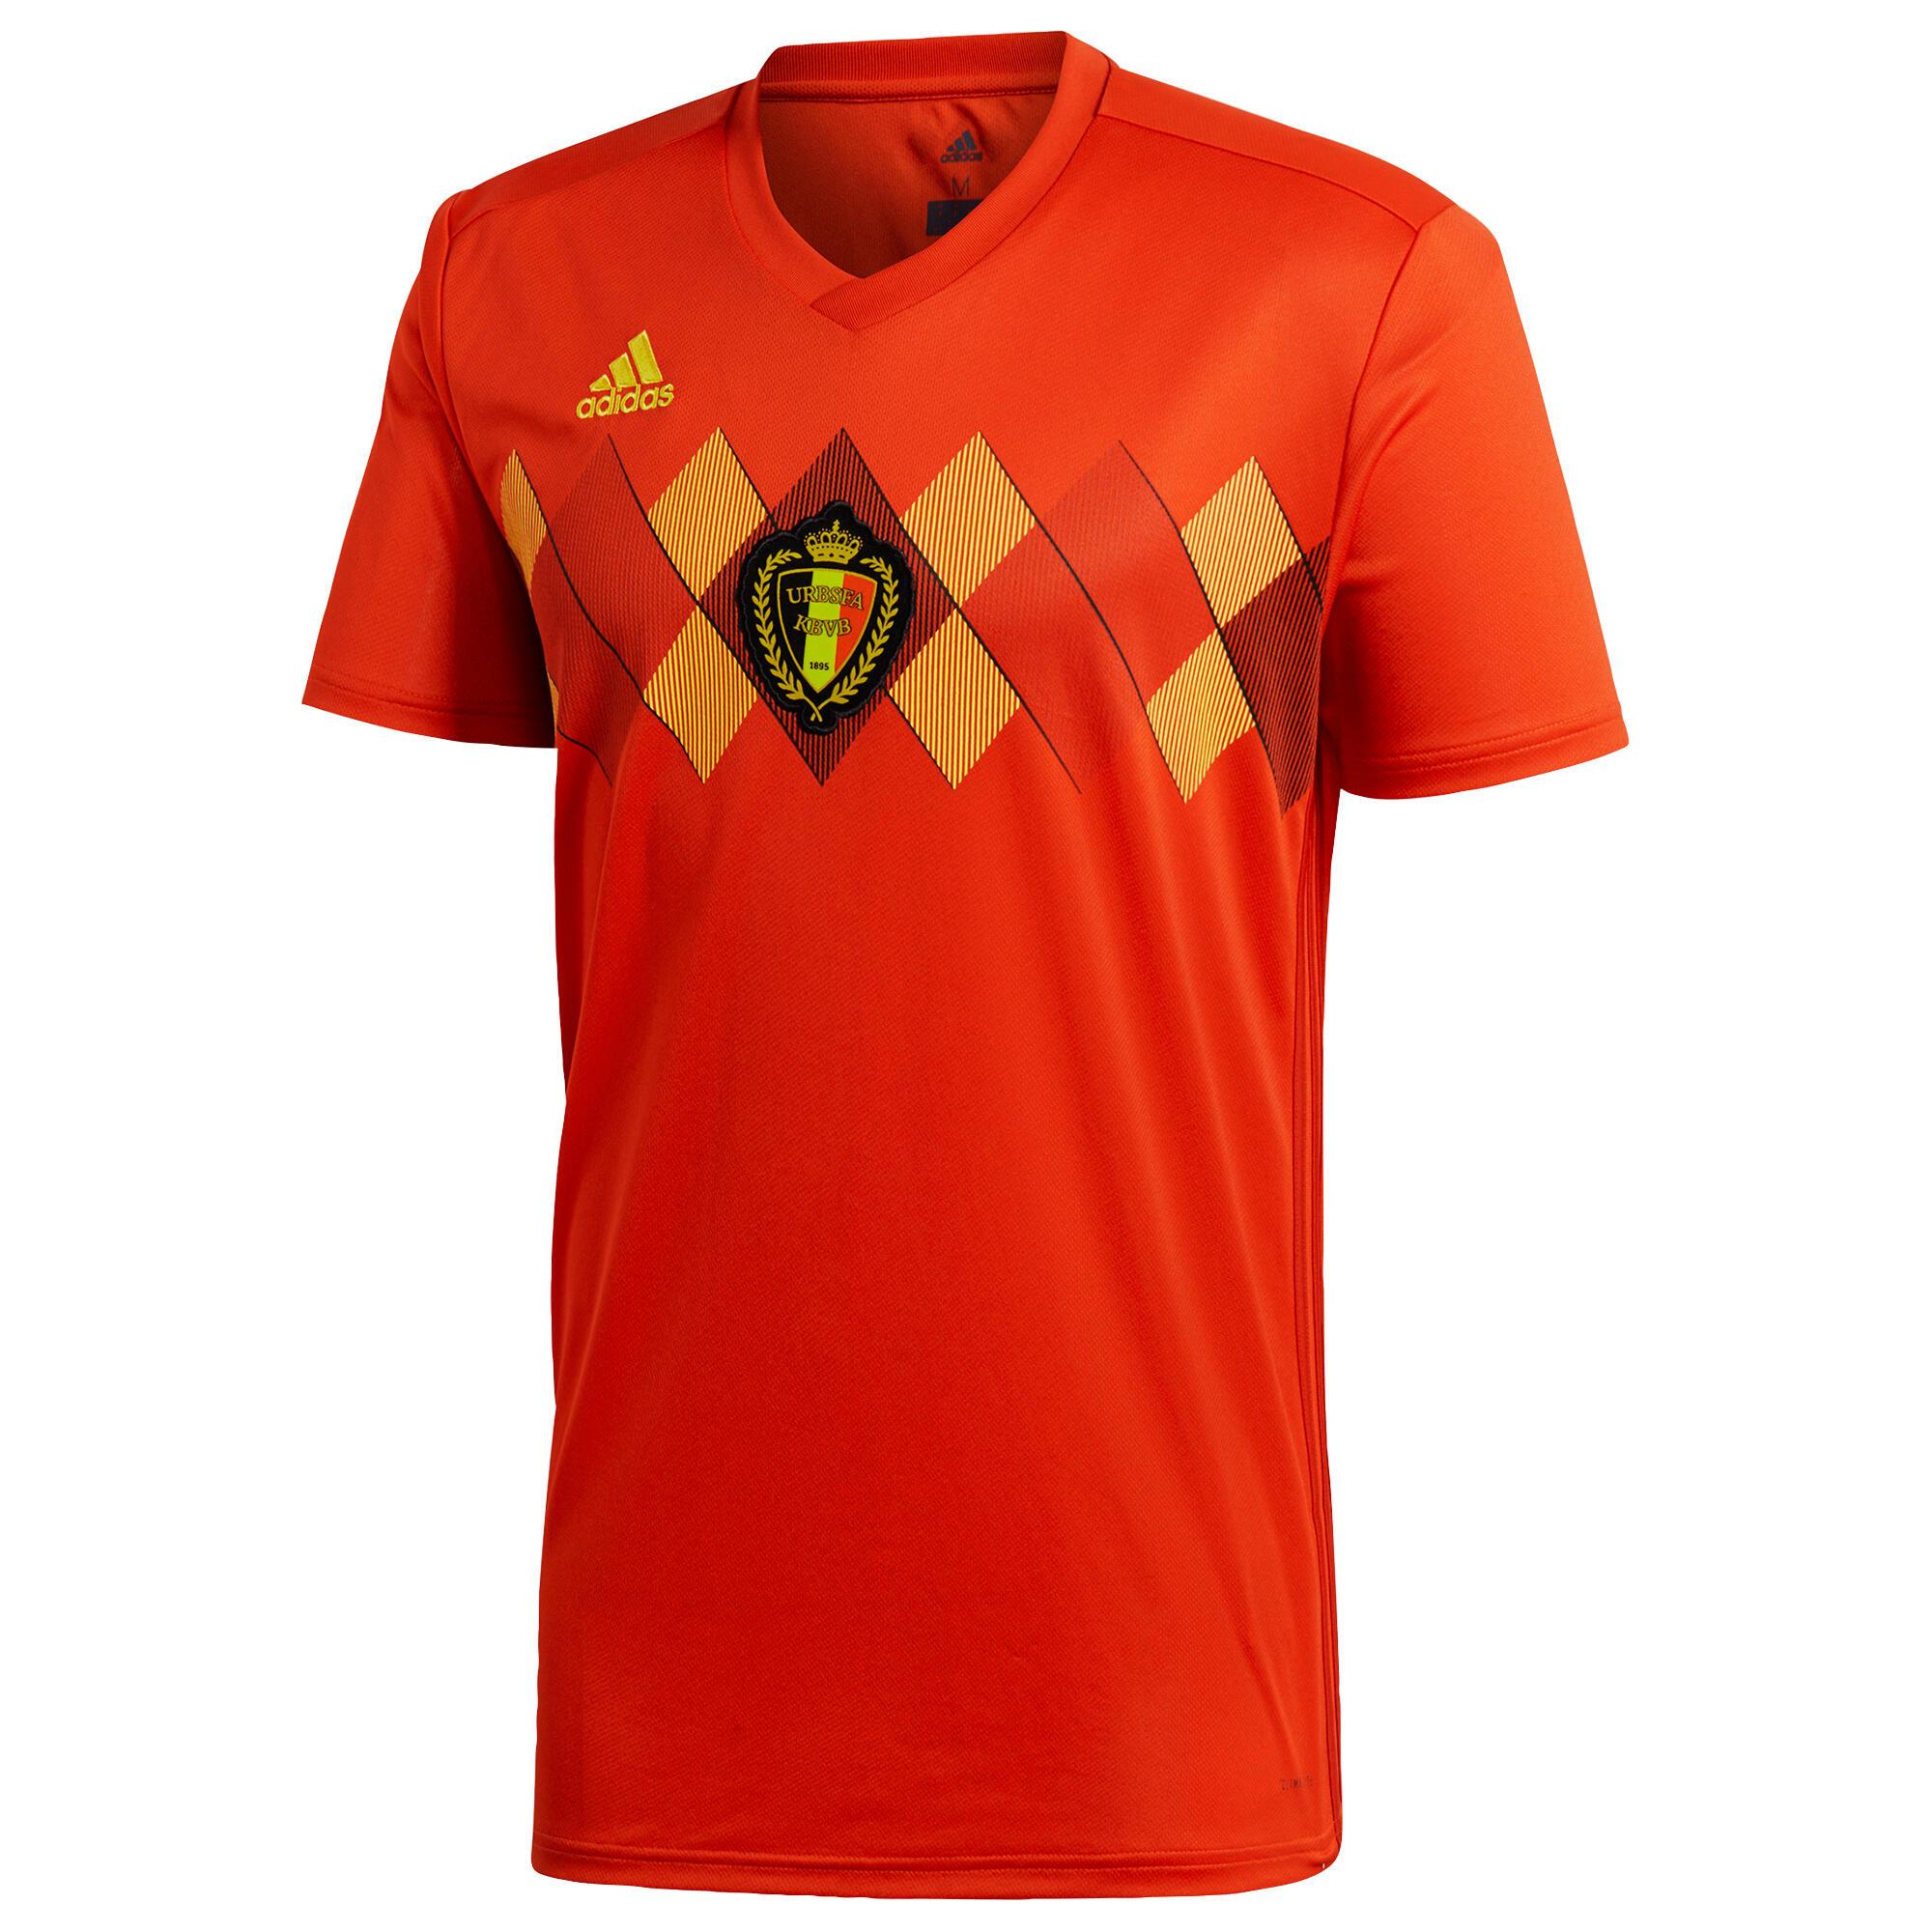 Adidas Voetbalshirt voor kinderen replica thuisshirt België 2018 oranje